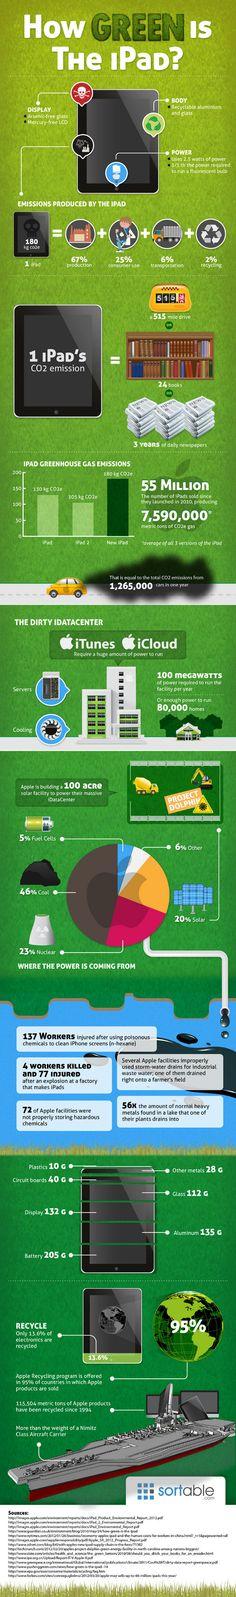 Infografía: ¿Qué tan verde es el iPad? - VeoVerde